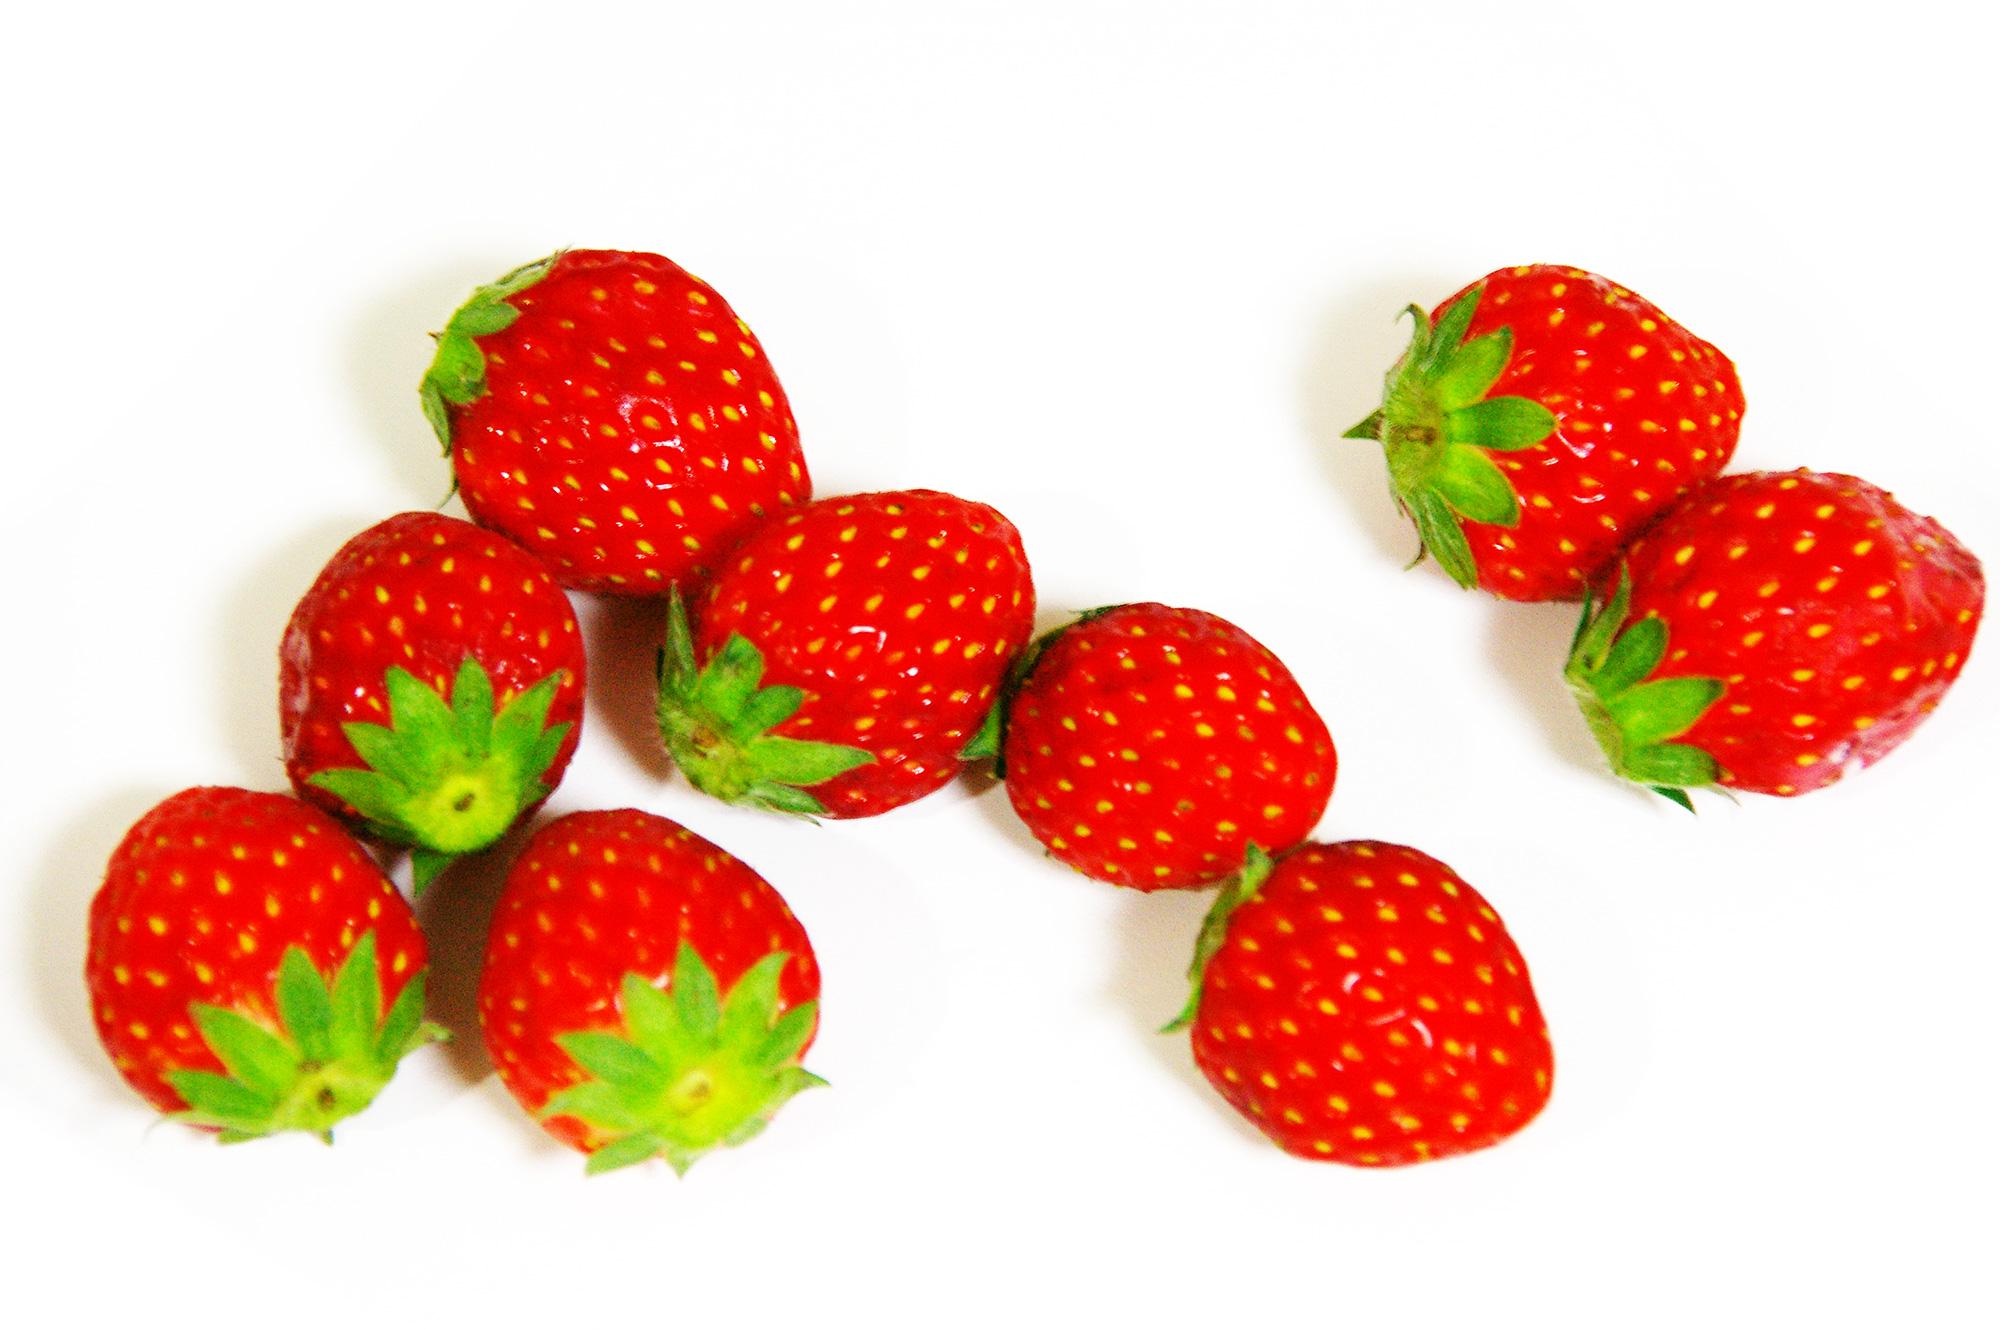 イチゴの仲間たち